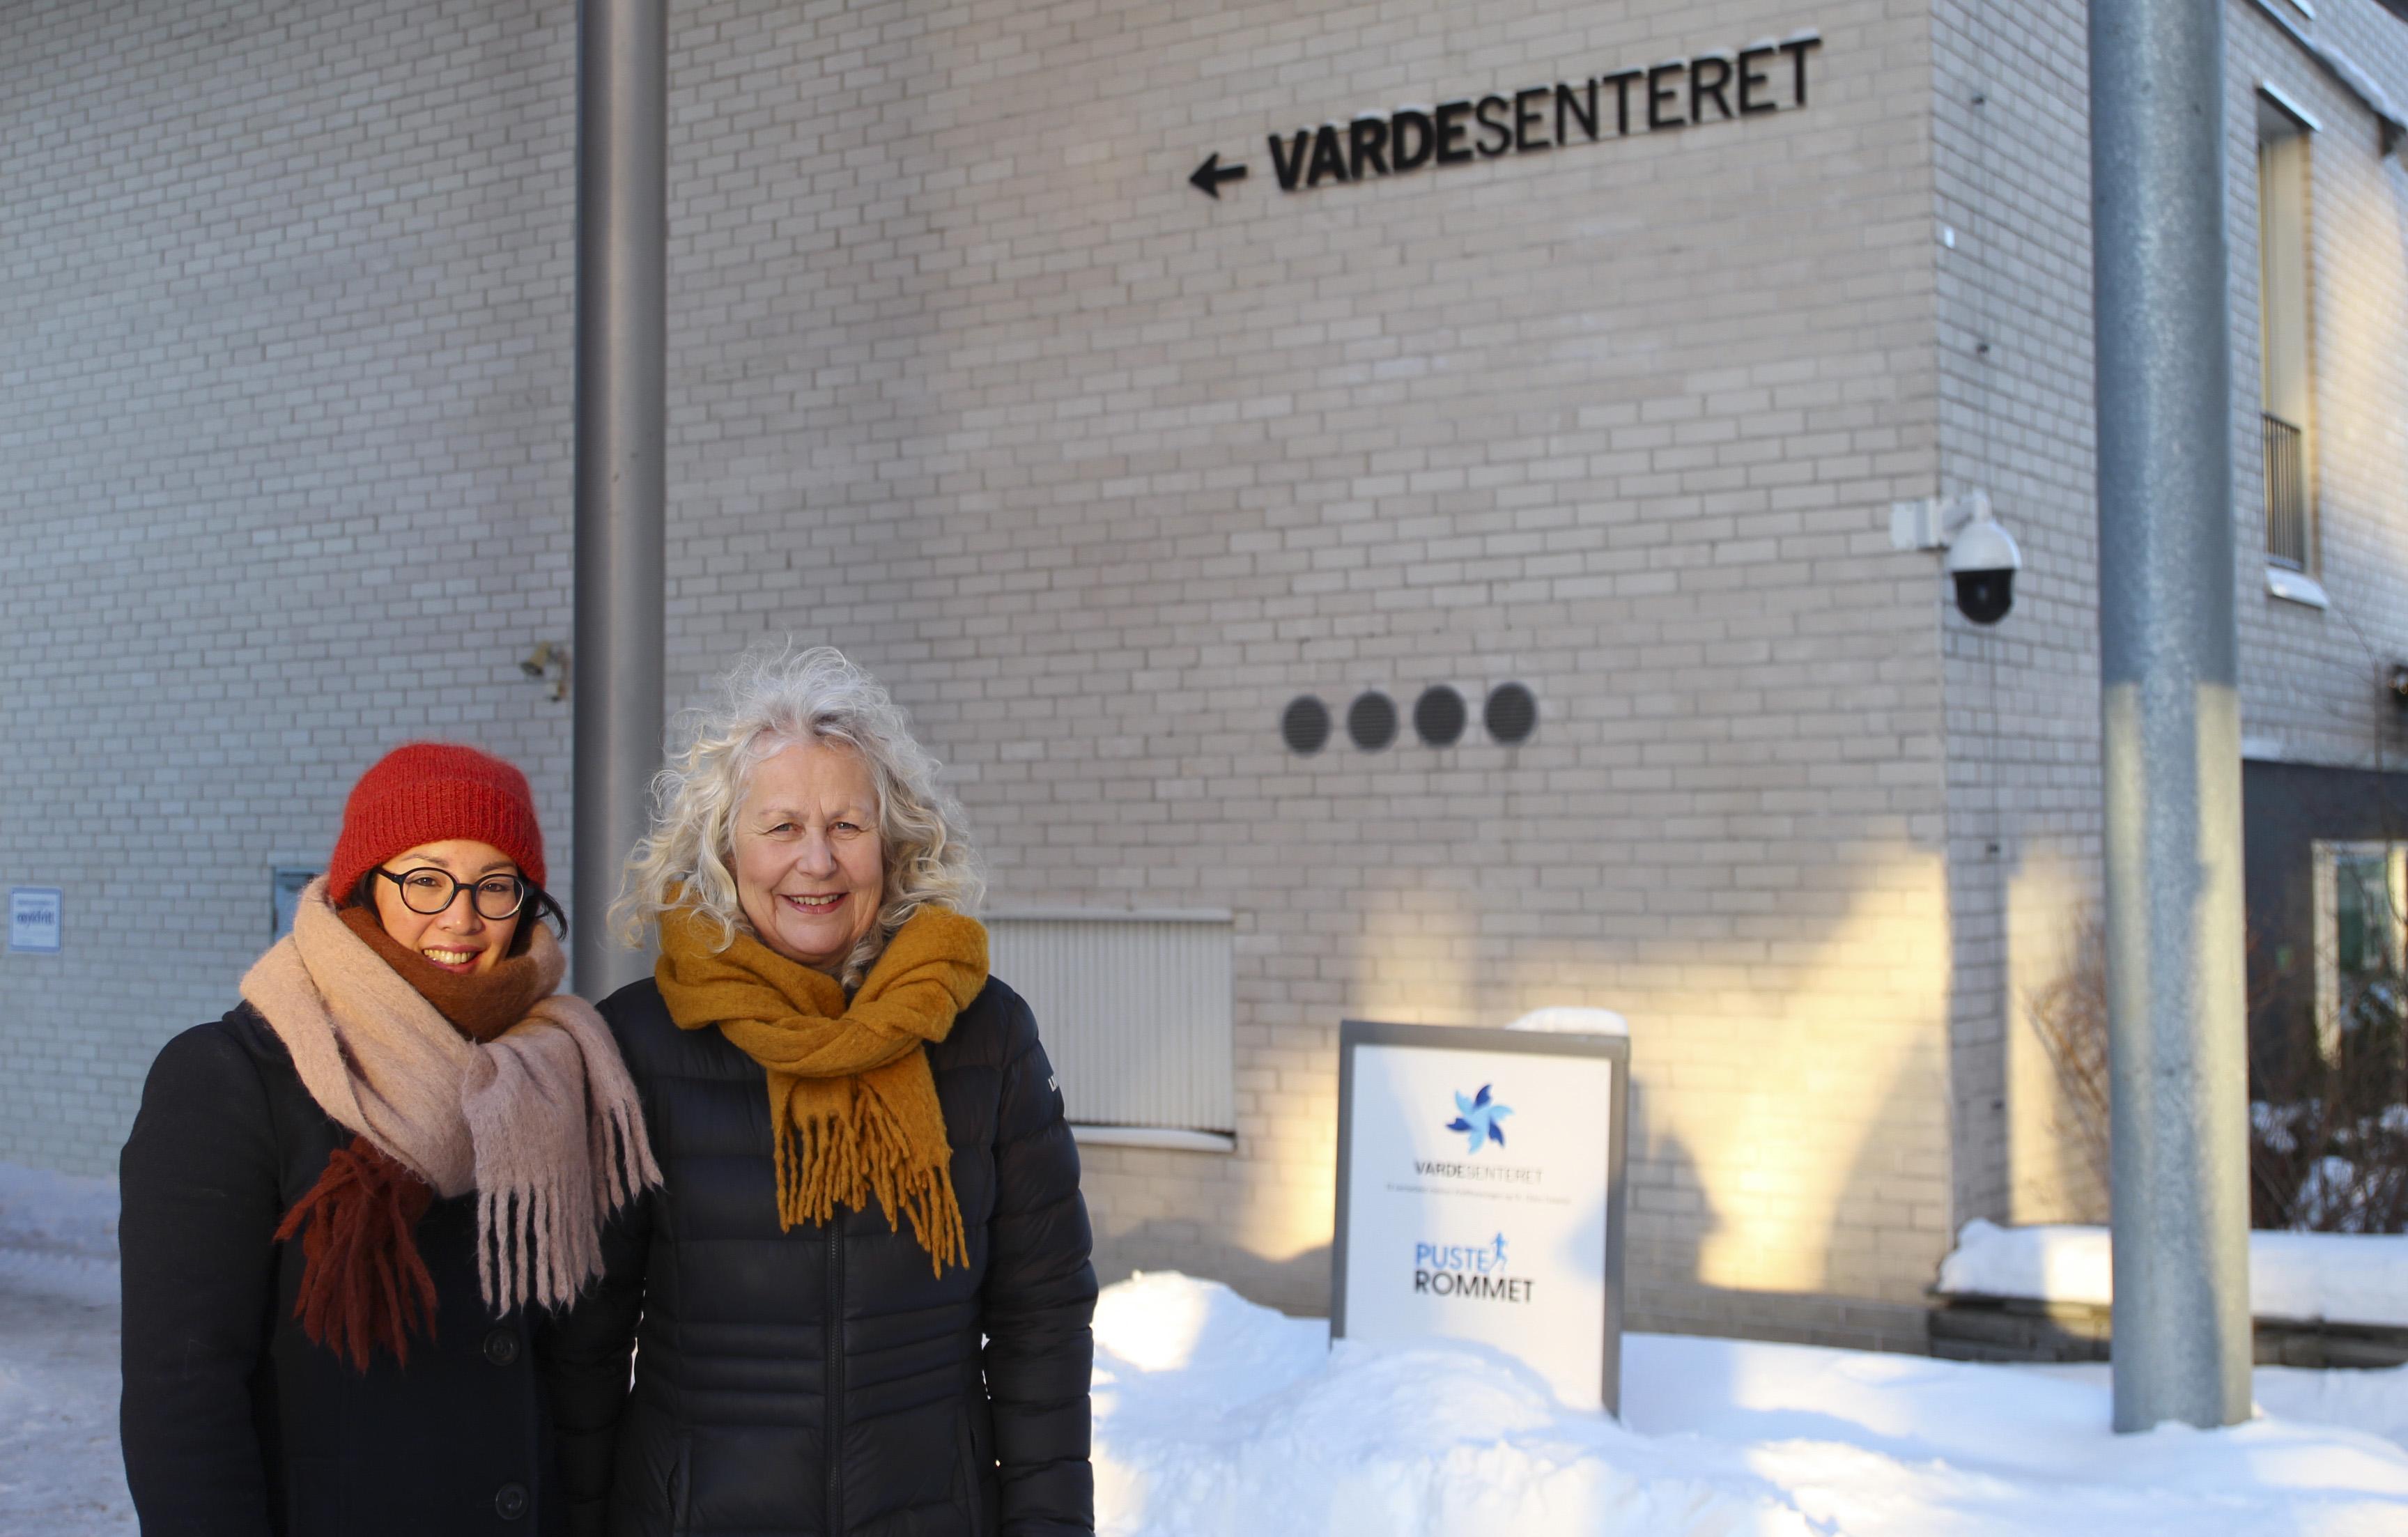 Bedre tilrettelegging for arbeid etter sykdom. Kommunikasjonsrådgiver Linda Skjærvik og distriktsjef Eva Faanes i Kreftforeningen ønsker mer bevissthet rundt kreft og sykdom på arbeidsplassen.